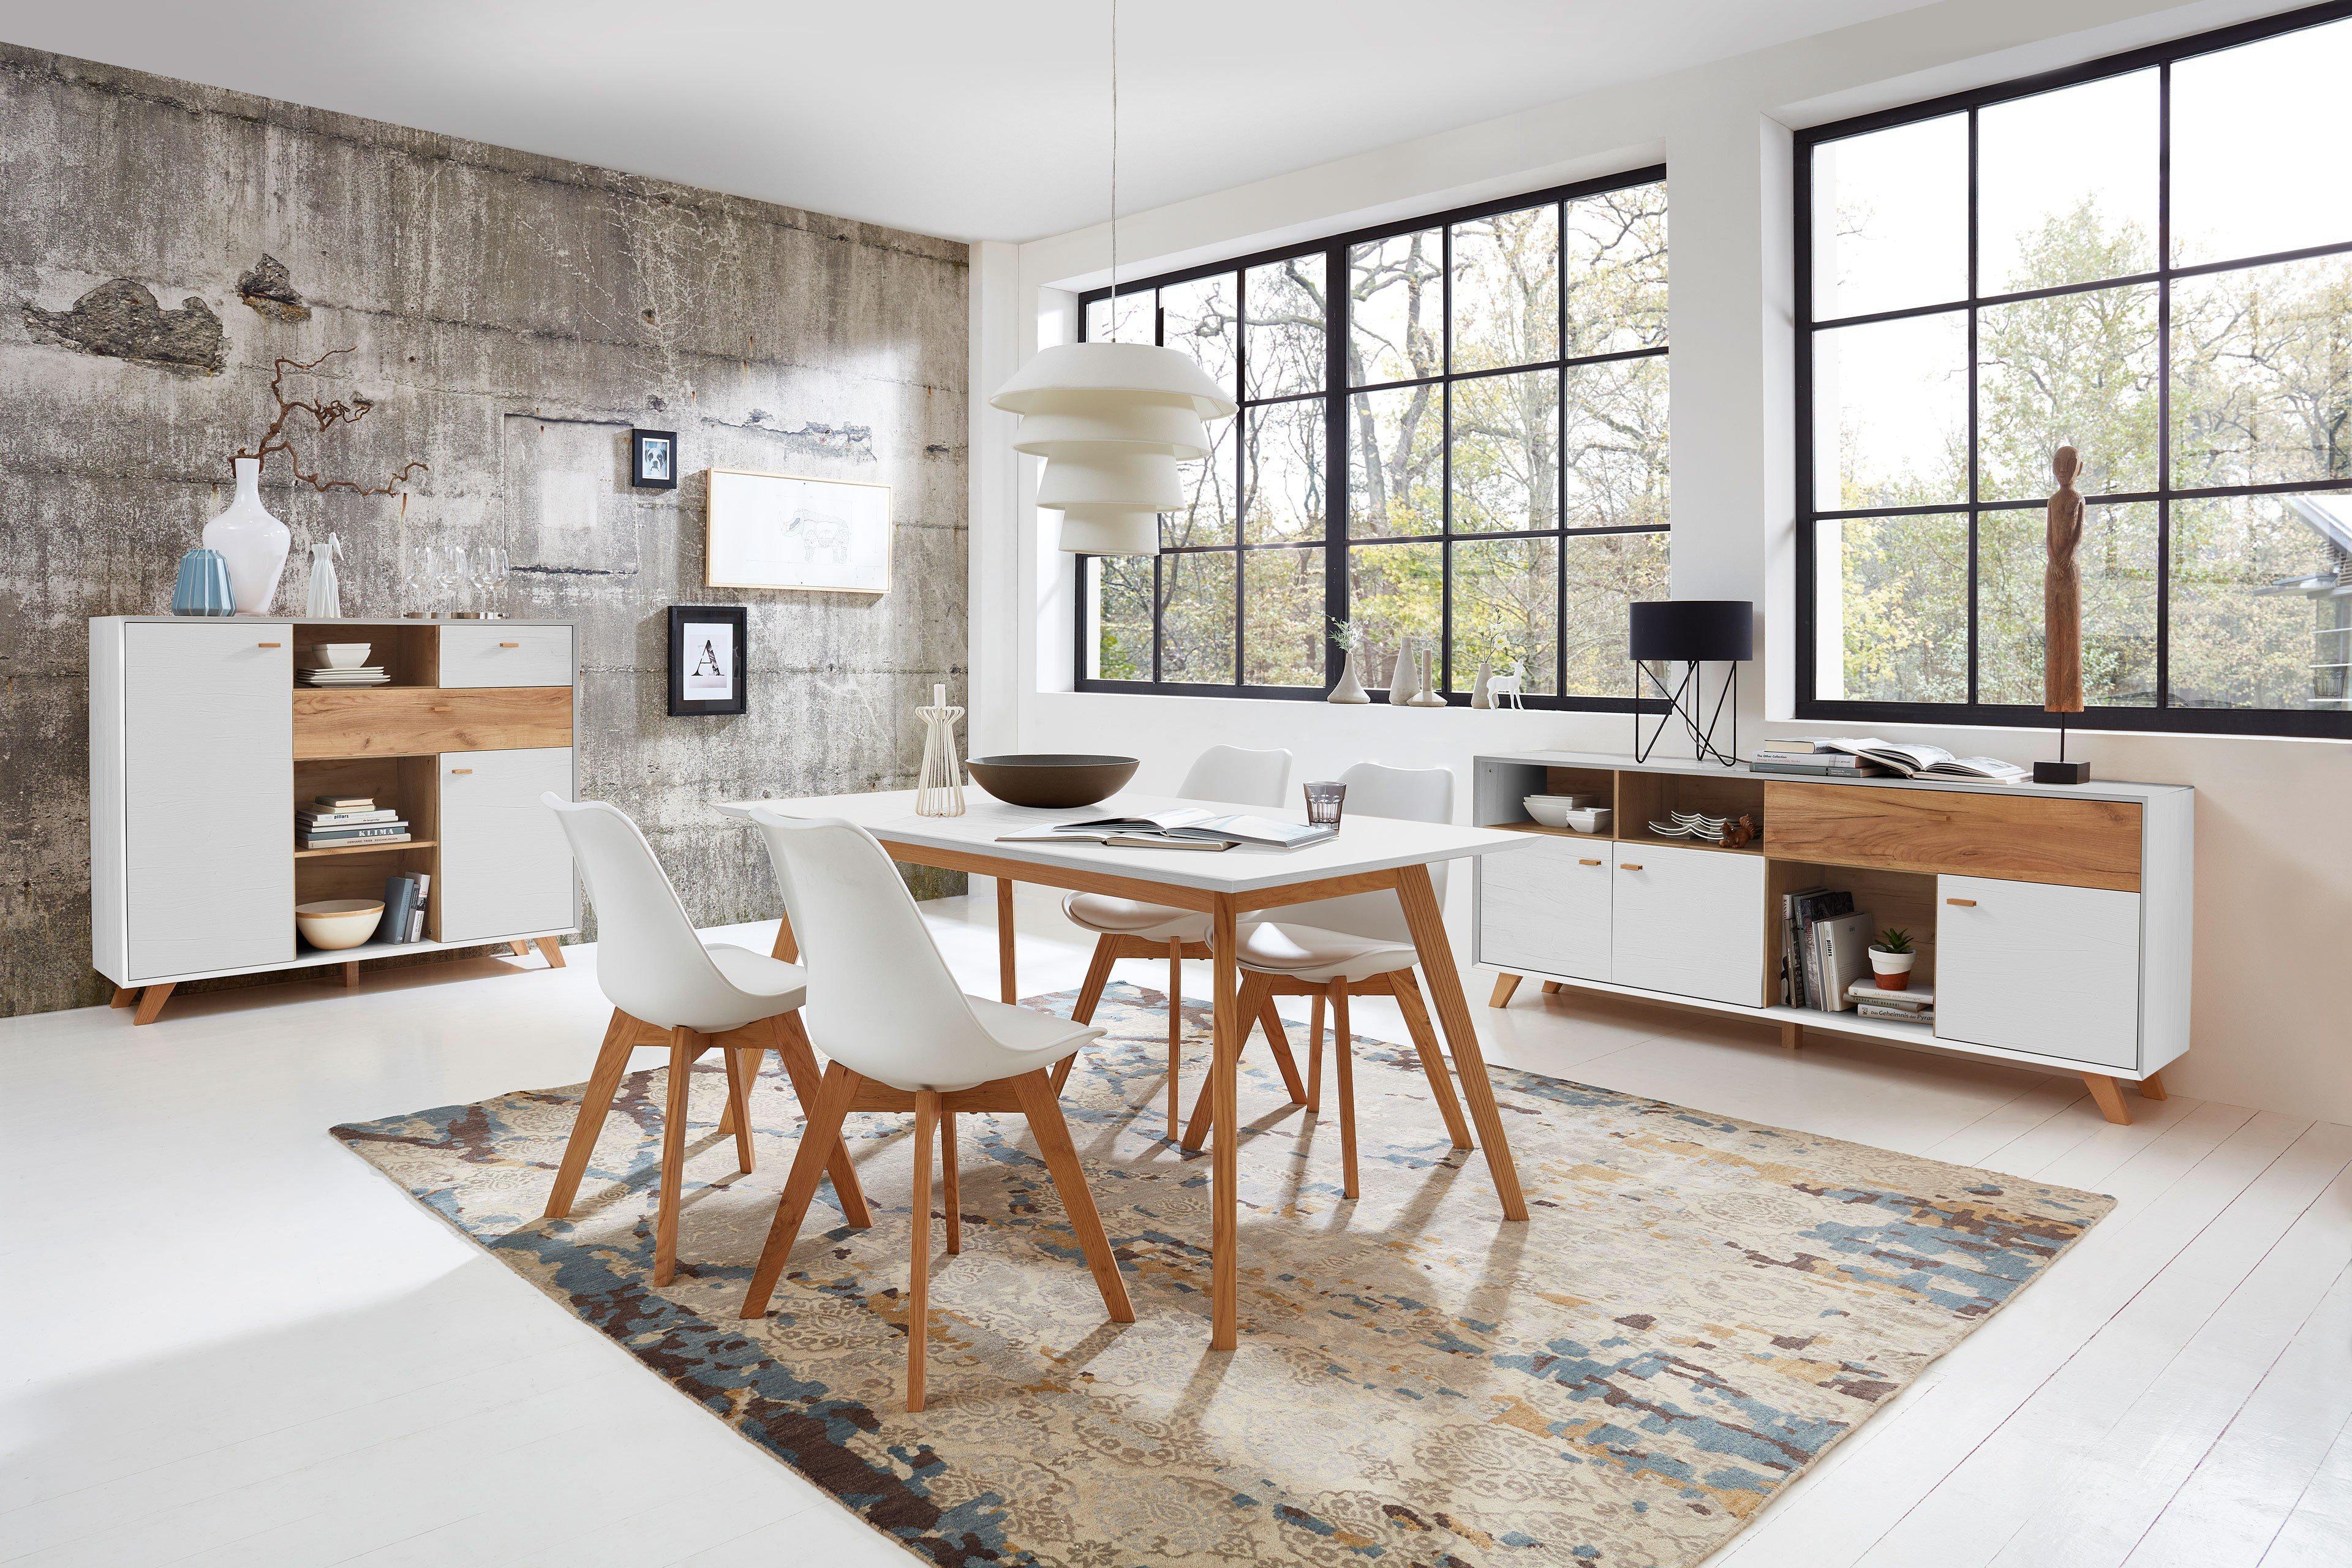 germania esstisch calvi in pinie wei eiche navarra m bel letz ihr online shop. Black Bedroom Furniture Sets. Home Design Ideas